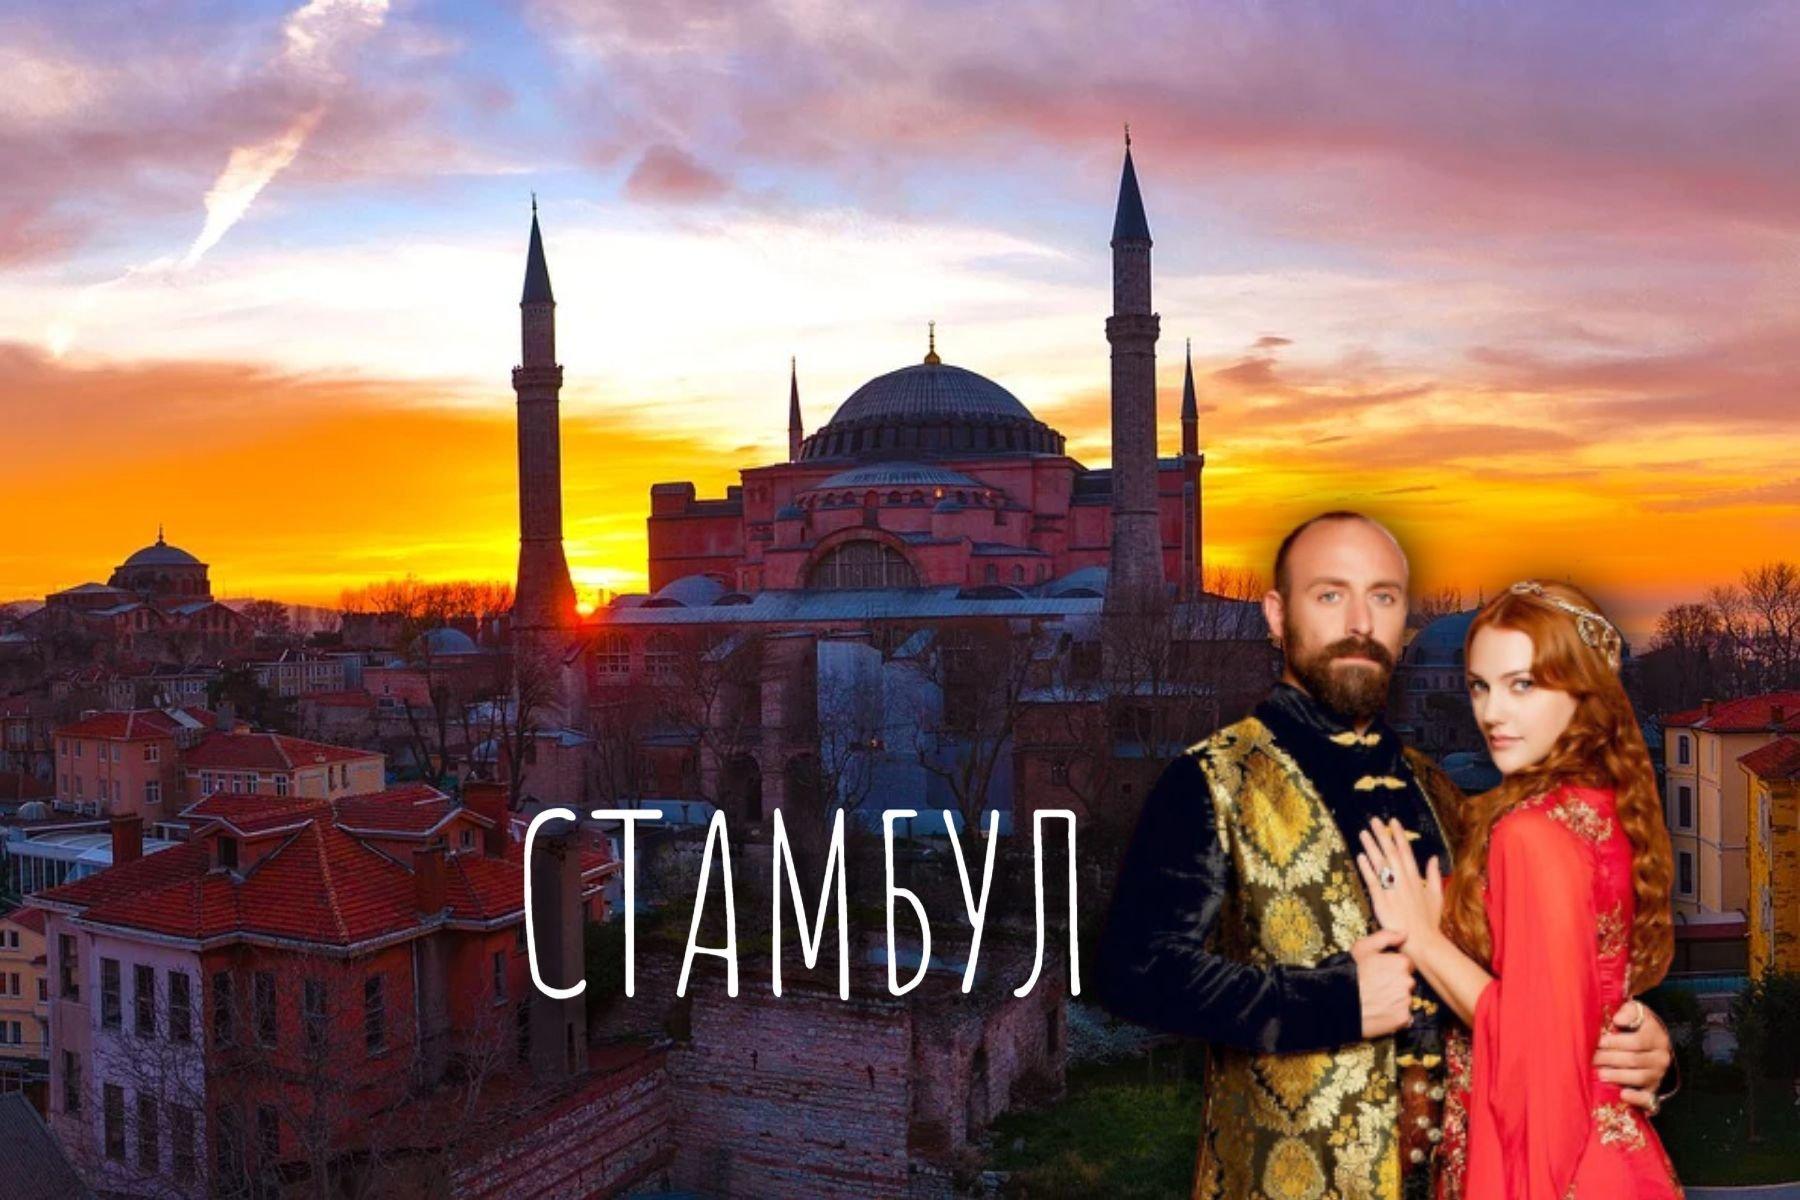 мечеть Сулеймание не повторяет классическую форму клевера